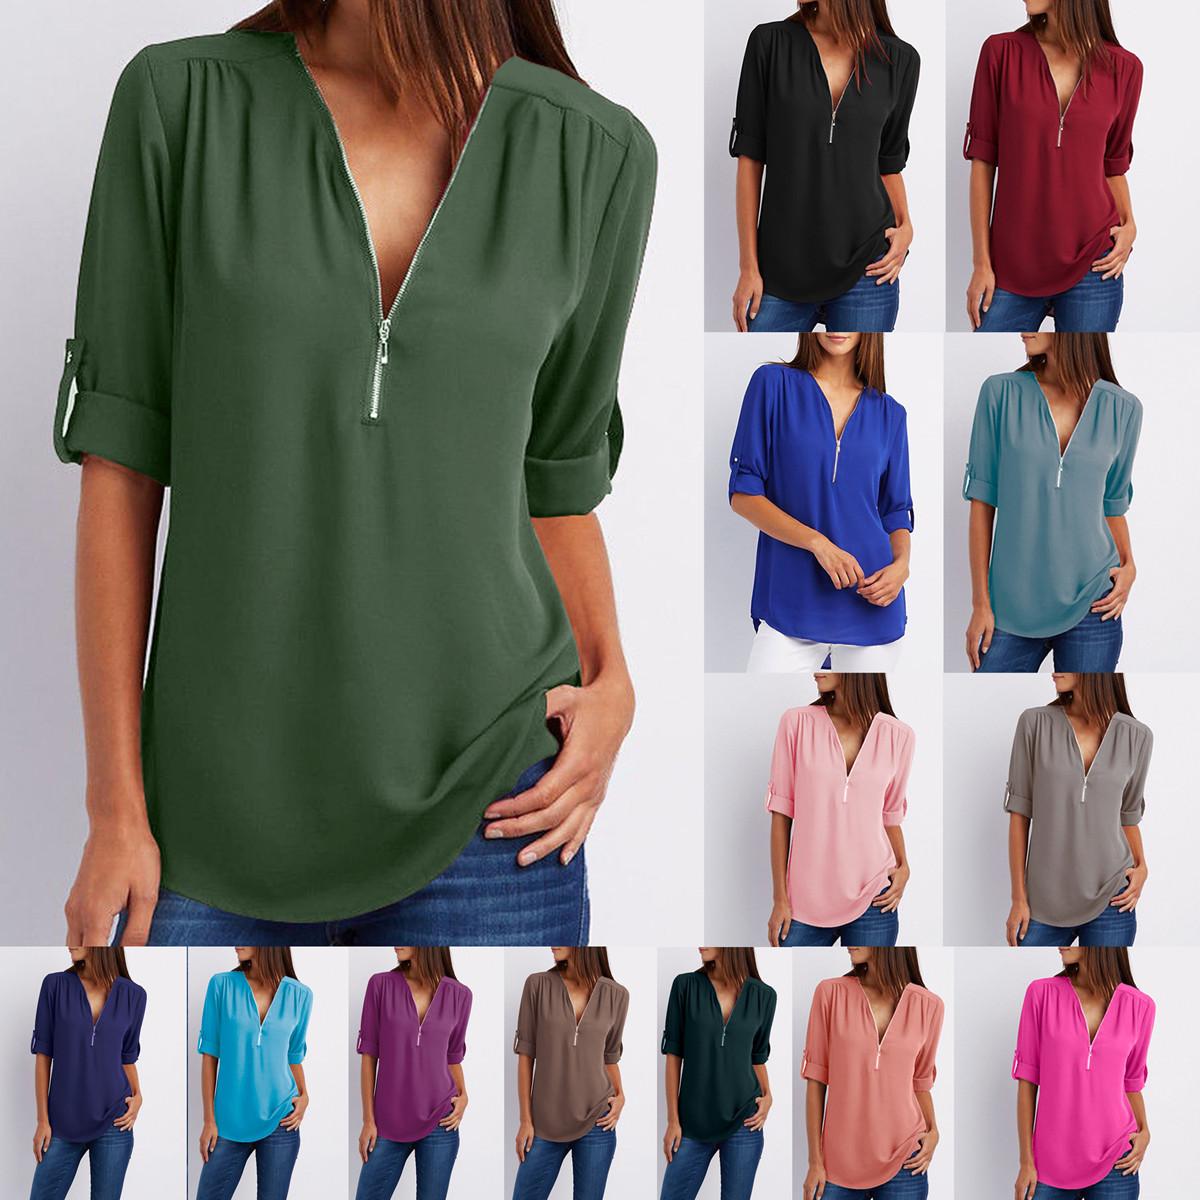 Womens Casual Chiffon Long Sleeve T-Shirt Tops